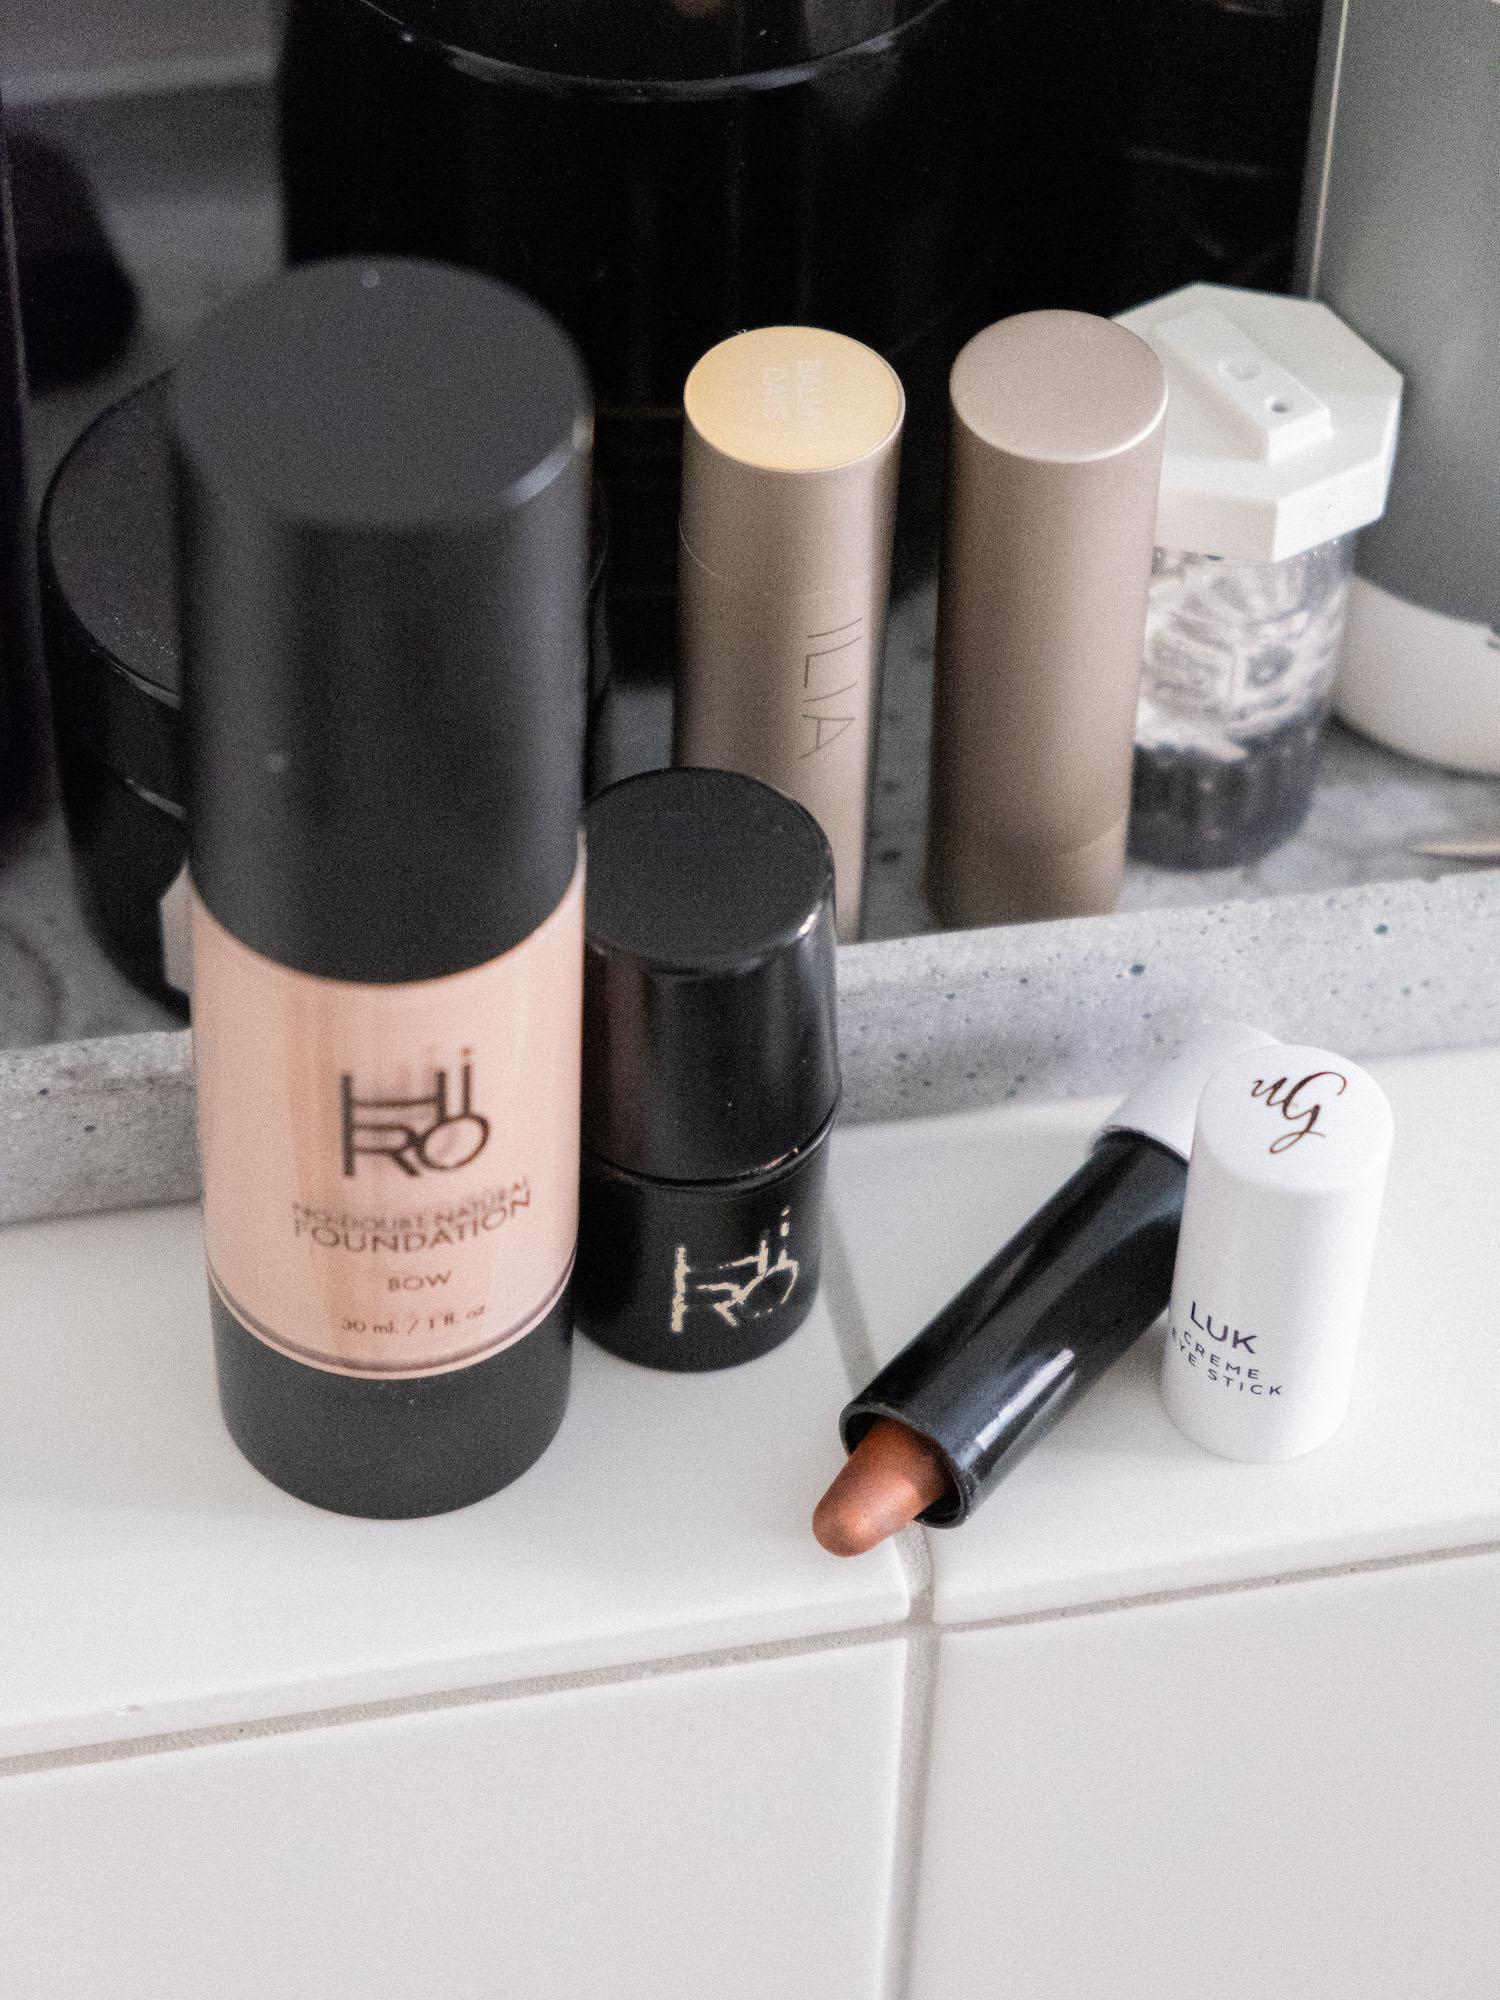 Beautyblog Naturkosmetik Foundation Hiro